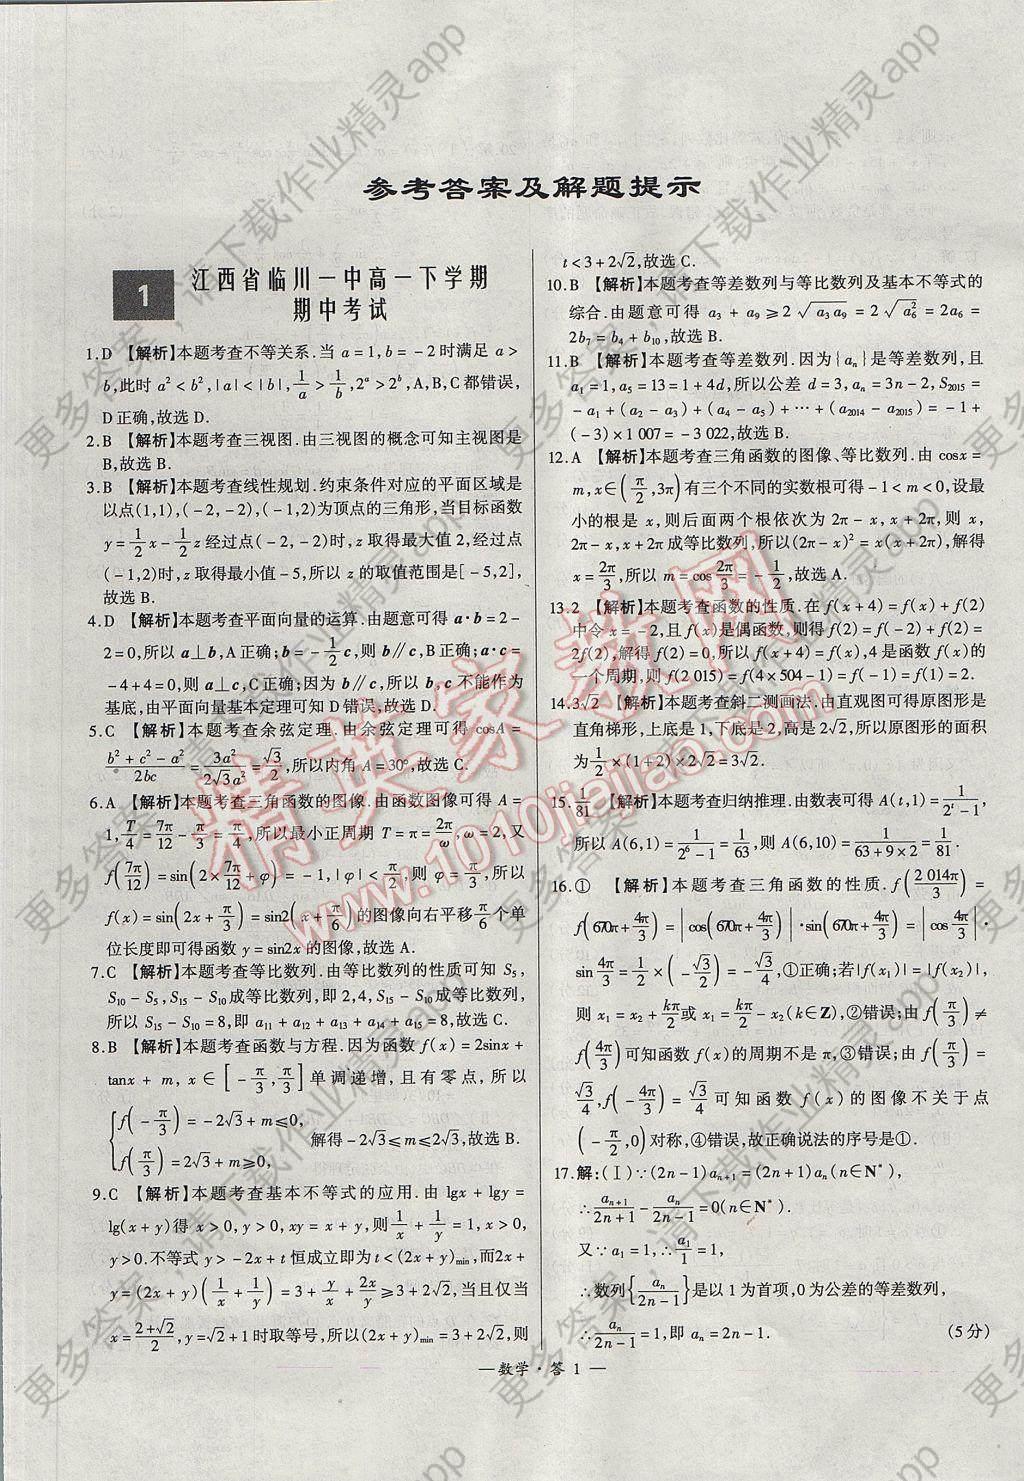 天利38套高中名校期中期末联考测试卷数学必修3、4、5北师大版 参考答案第1页